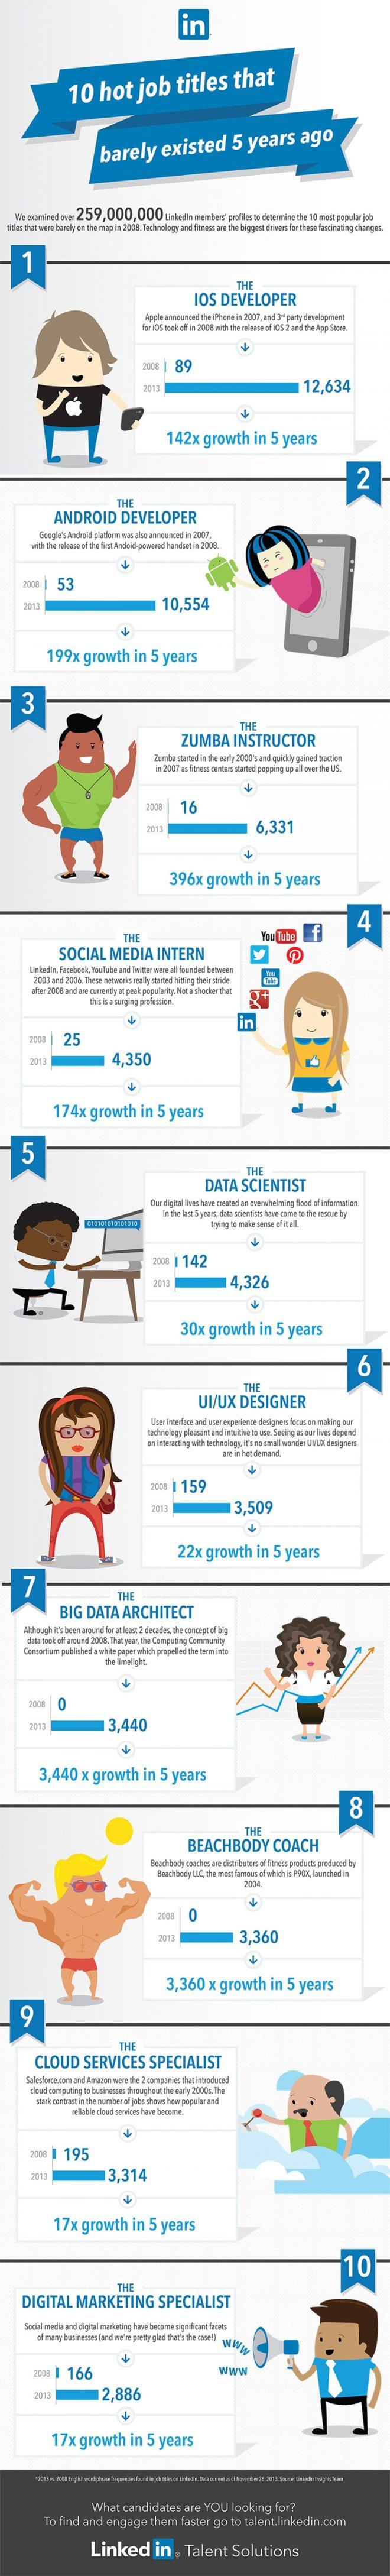 10 banen die 10 jaar geleden niet bestonden